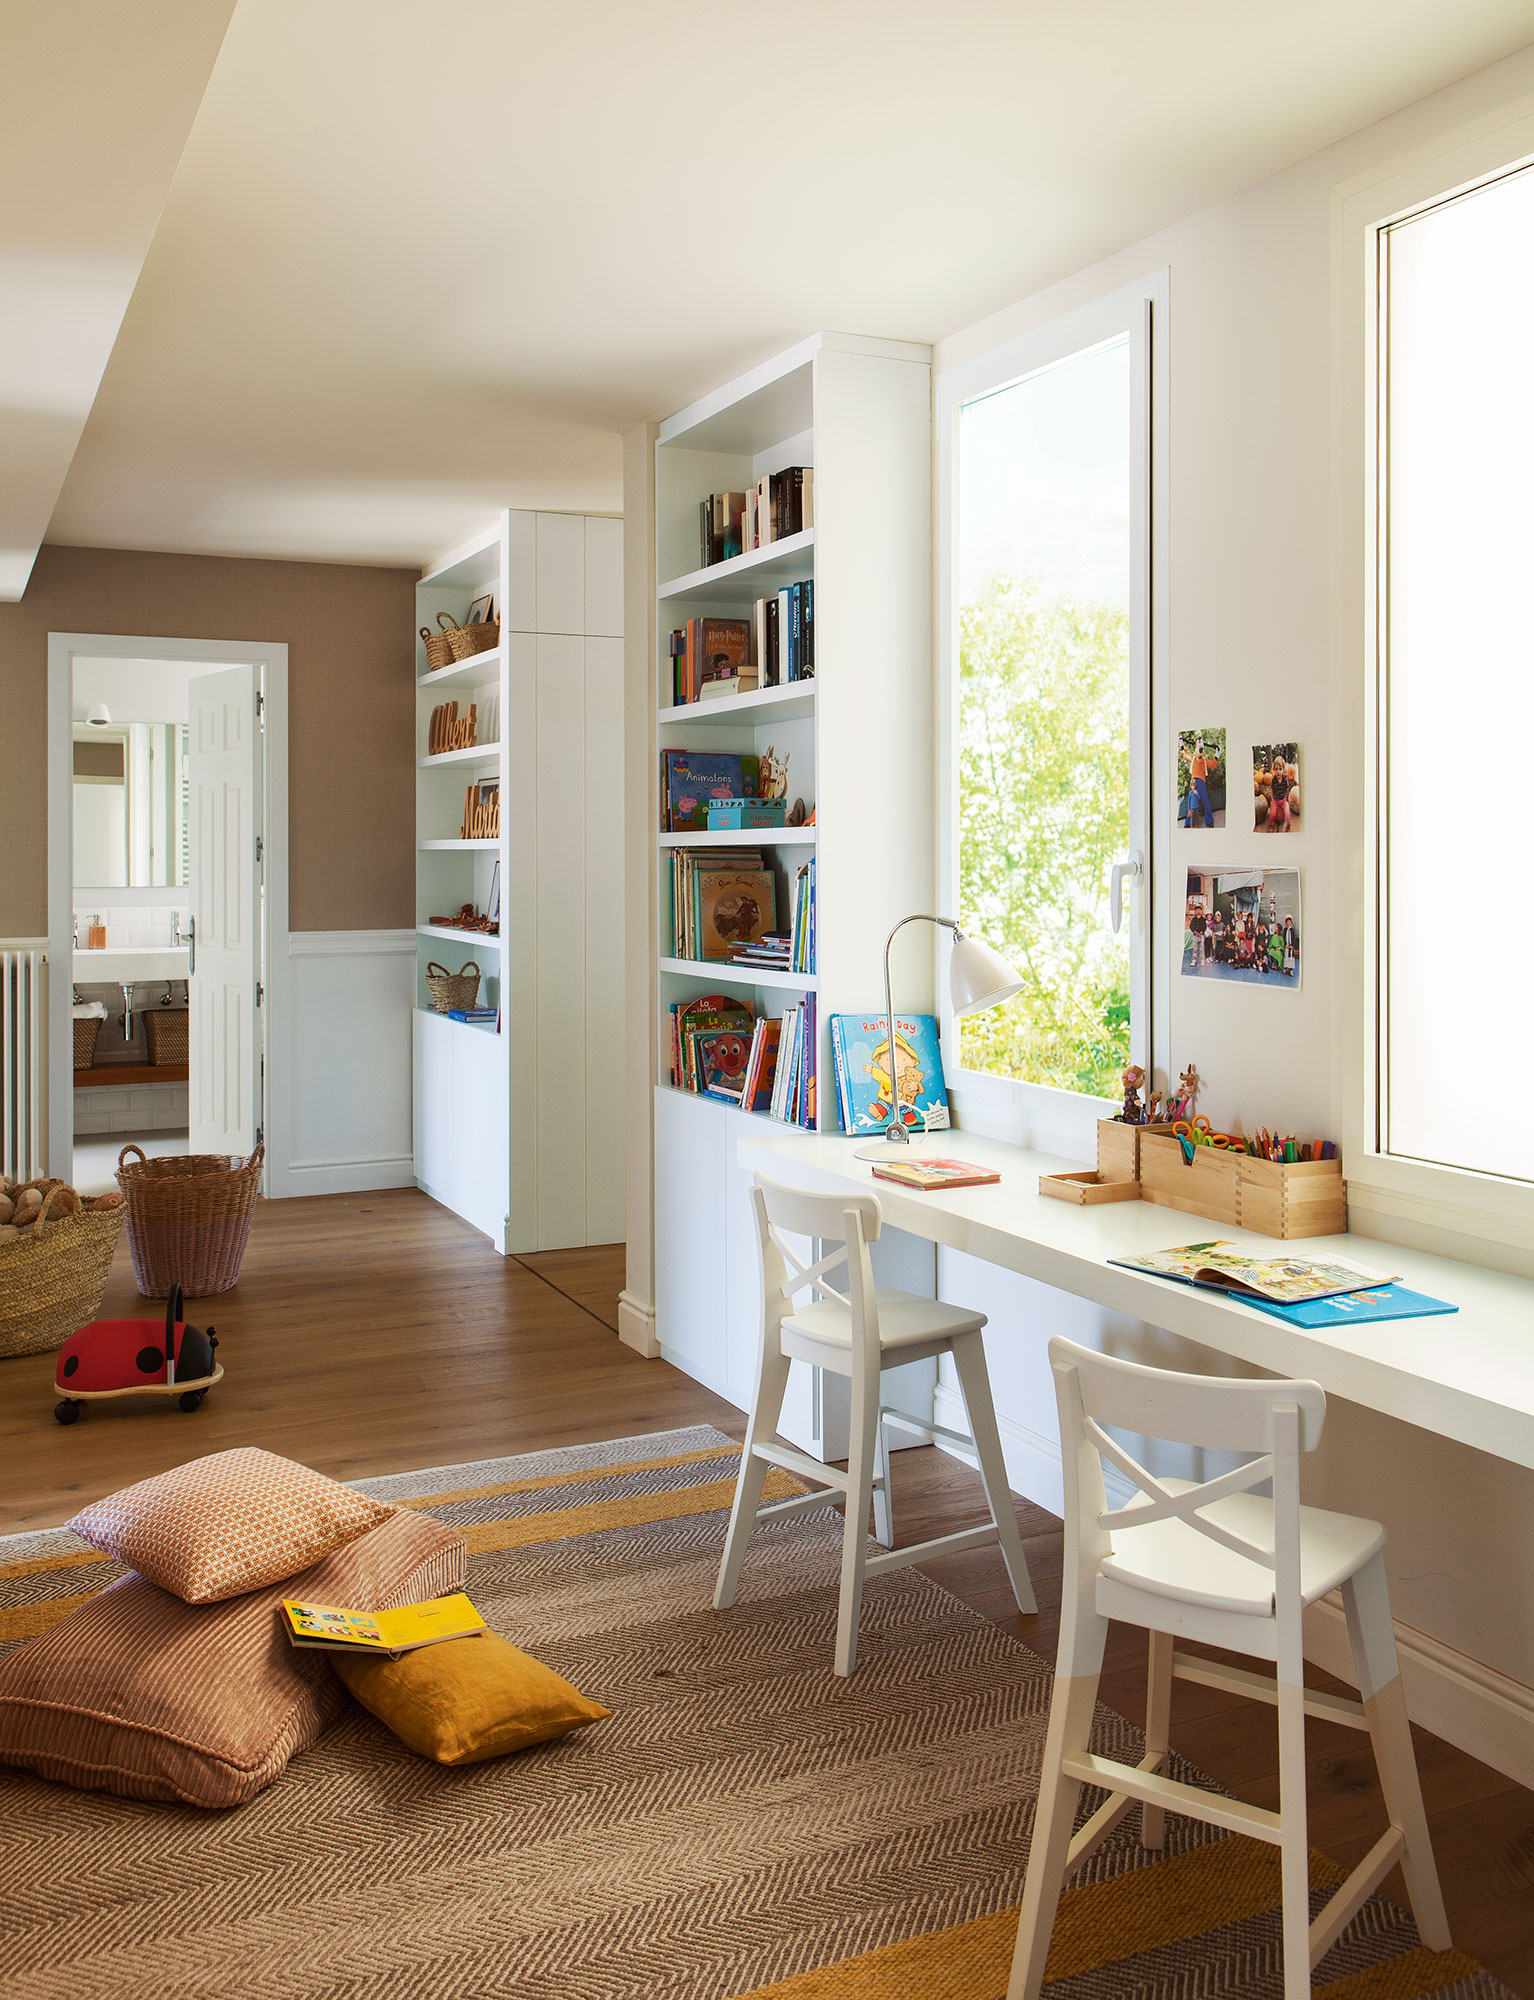 zona de estudio de dormitorio infantil con escritorio doble en blanco y dos libreras gemelas with dormitorio infantil doble